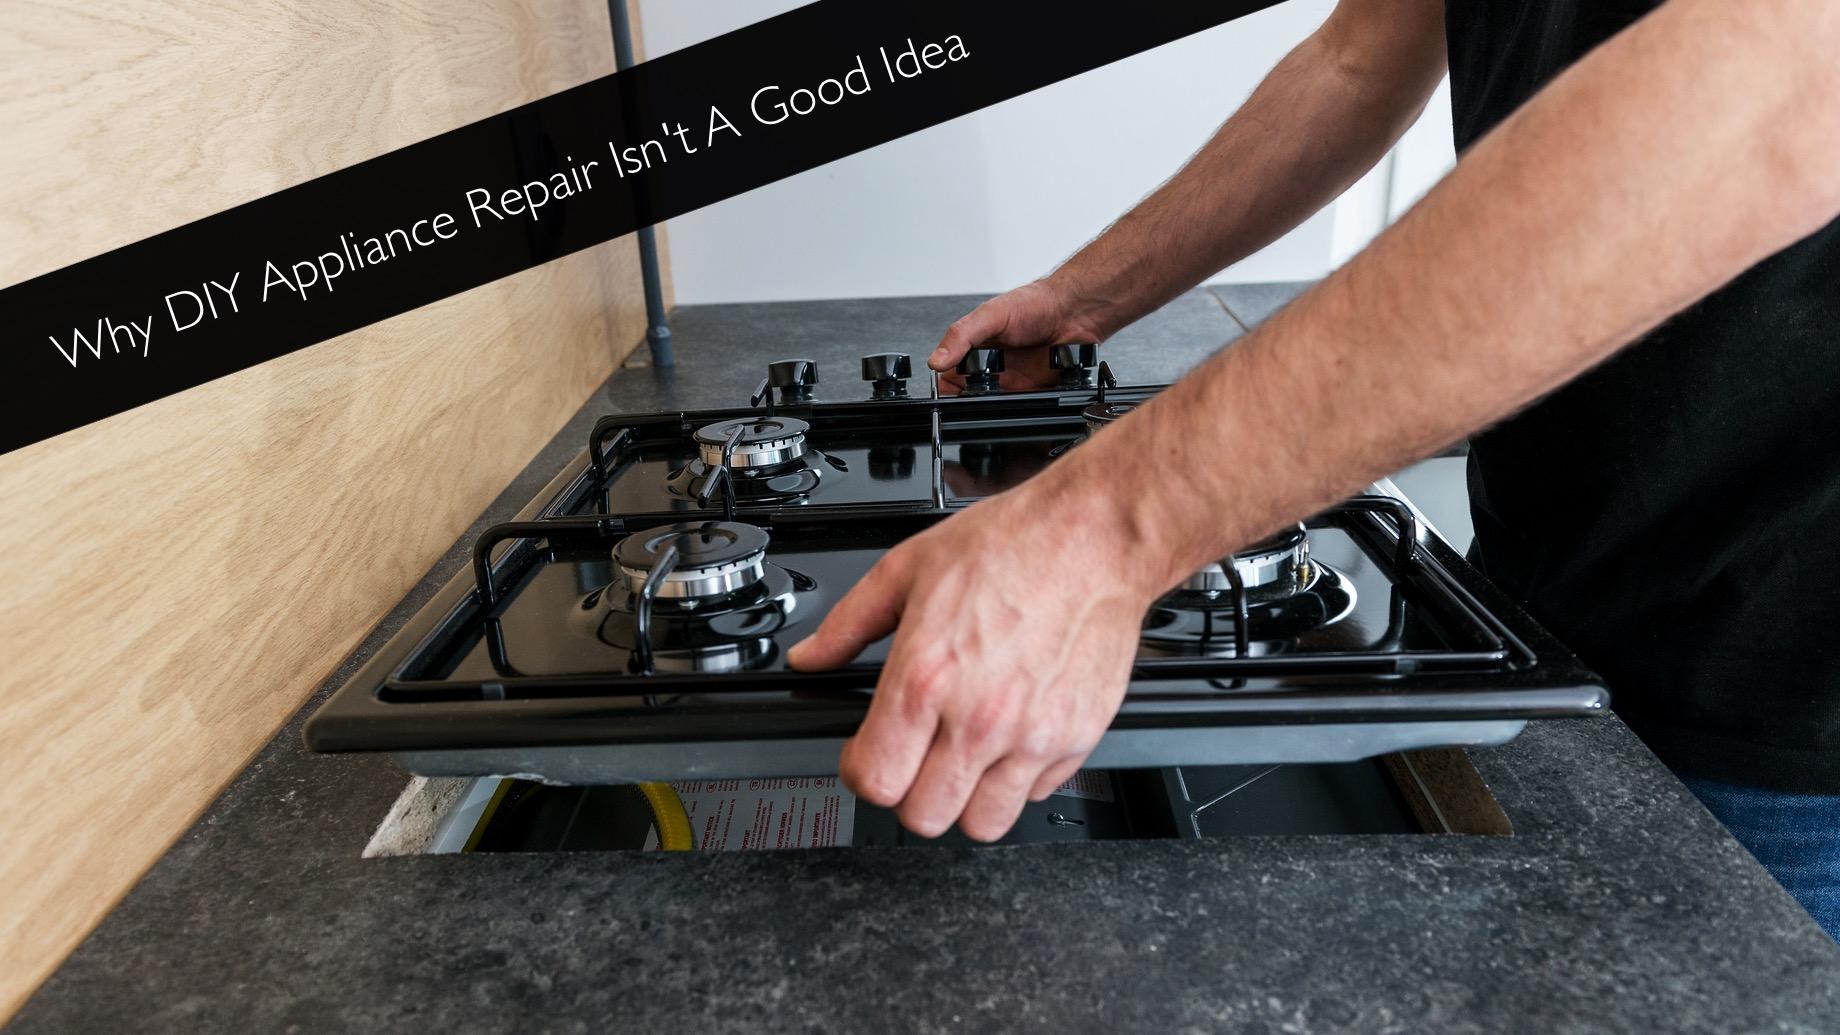 Why DIY Appliance Repair Isn't A Good Idea